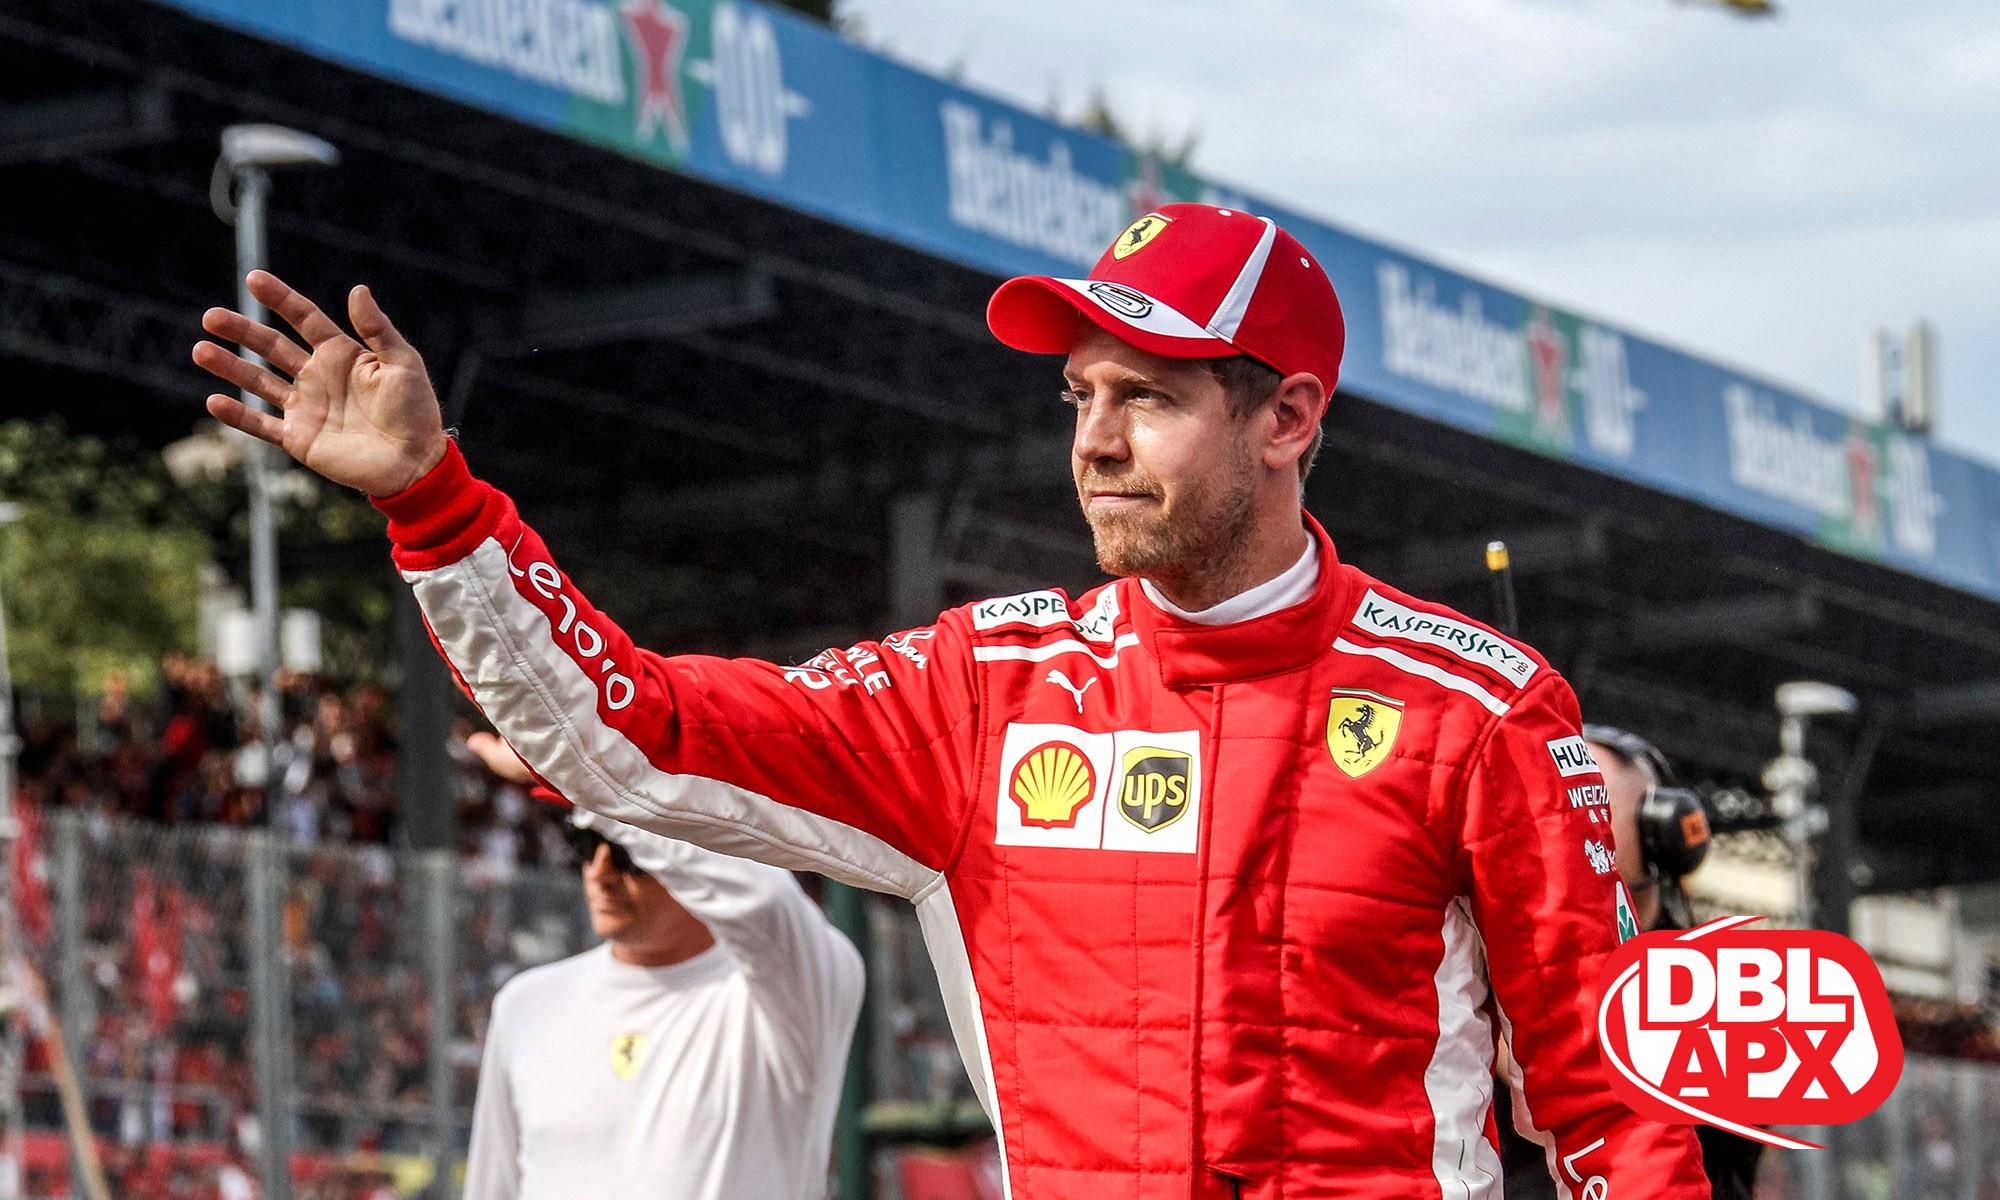 Sebastian Vettel is under pressure